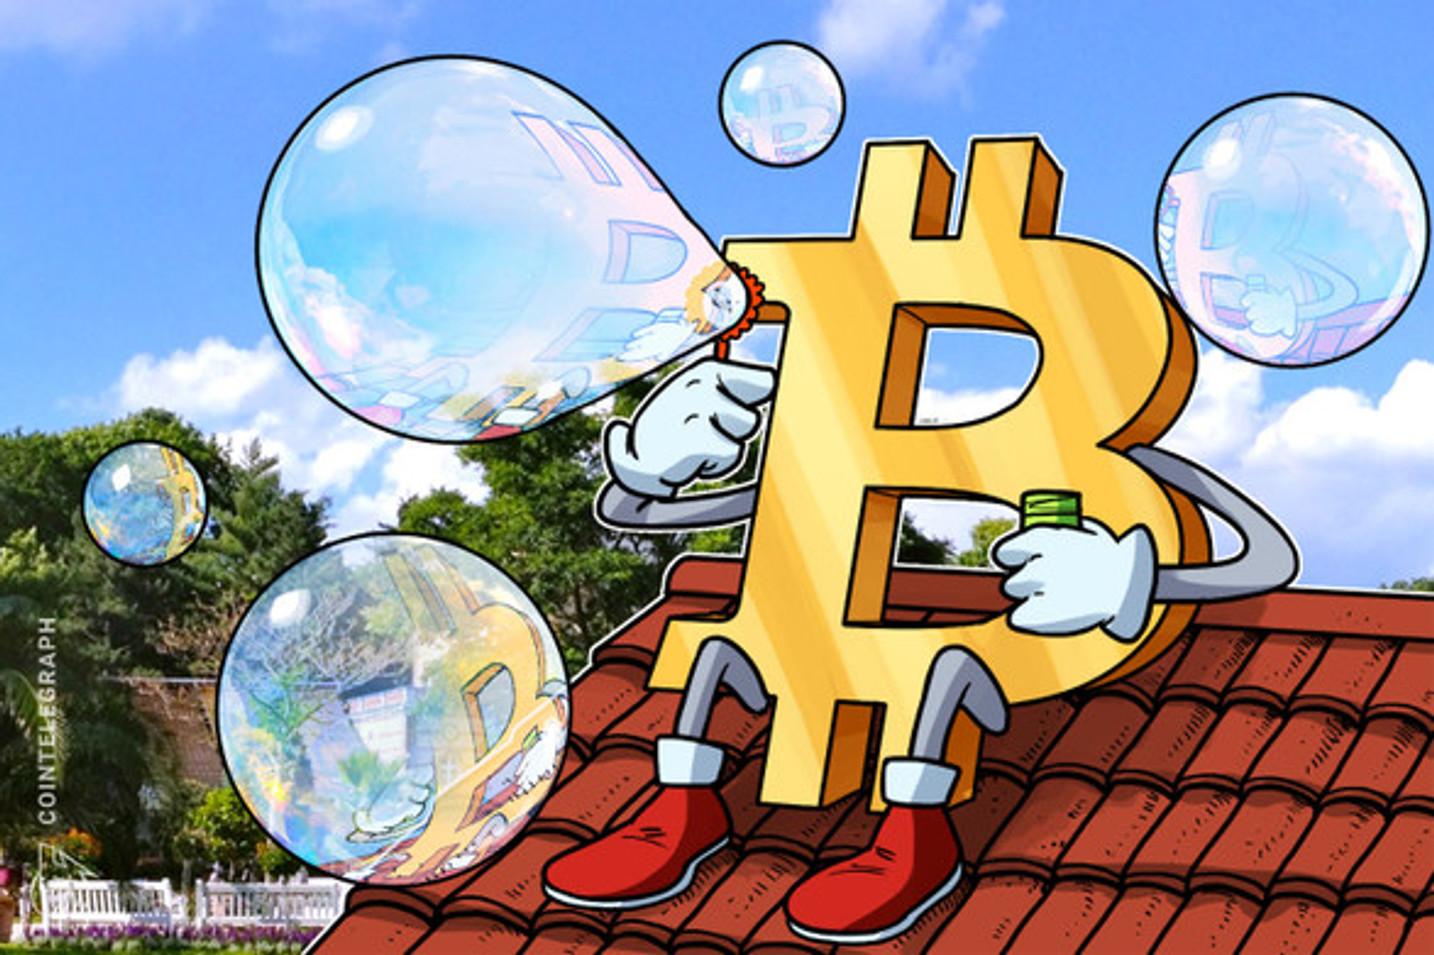 Melhor da Semana: Day traders do Reddit enlouquecem o mercado financeiro, a bolha prestes a estourar e início do open banking no Brasil